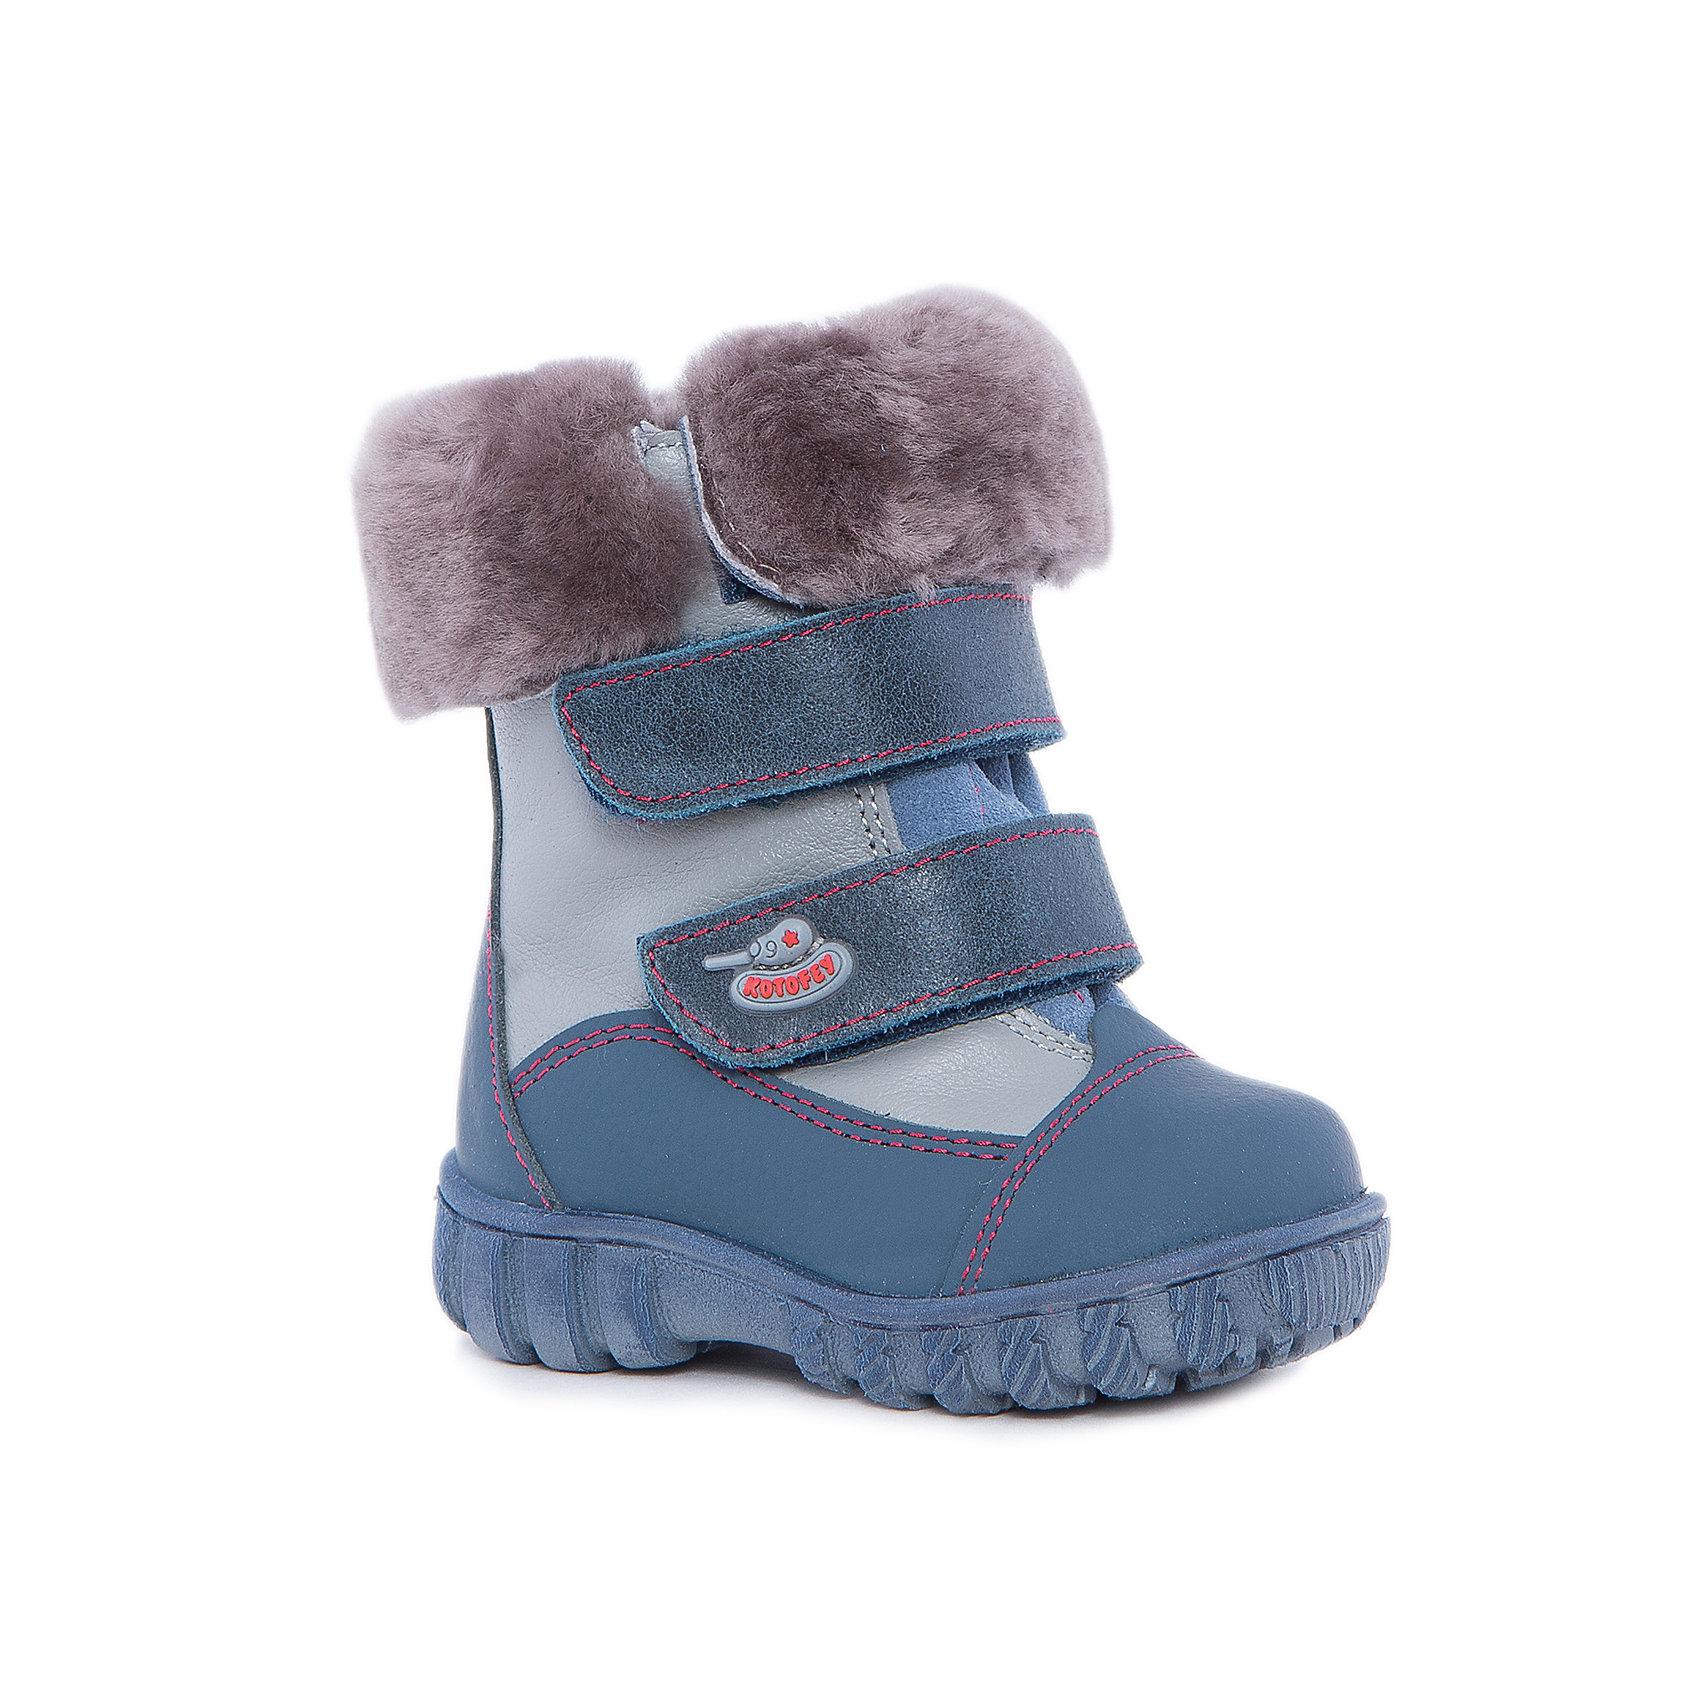 Ботинки для мальчика КотофейОбувь для малышей<br>Котофей – качественная и стильная детская обувь по доступным ценам. С каждым днем популярность бренда растет.  С наступлением зимних холодов очень важно выбрать удобную и теплую обувь, которая защитит ножки малыша от промокания, а здоровье от простуды. Стильные ботиночки придутся по душе всем родителям, стремящимся модно одевать свою кроху, а малыши оценят удобную застежку – липу, которая экономит время при обувании ботиночек. Модель надежно защищает от непогоды и создает стильный образ малышу.<br><br>Дополнительная информация:<br><br>цвет: сине-бежевый;<br>вид крепления: на клею;<br>застежка: липучка;<br>температурный режим: от -15 °С до +5° С.<br><br>Состав:<br>материл верха – кожа;<br>подклад – овчина;<br>подошва – ТЭП.<br><br>Зимние ботиночки для мальчиков ясельного возраста от фирмы Котофей можно купить у нас в магазине.<br><br>Ширина мм: 257<br>Глубина мм: 180<br>Высота мм: 130<br>Вес г: 420<br>Цвет: синий<br>Возраст от месяцев: 15<br>Возраст до месяцев: 18<br>Пол: Мужской<br>Возраст: Детский<br>Размер: 22,21,20<br>SKU: 4982287